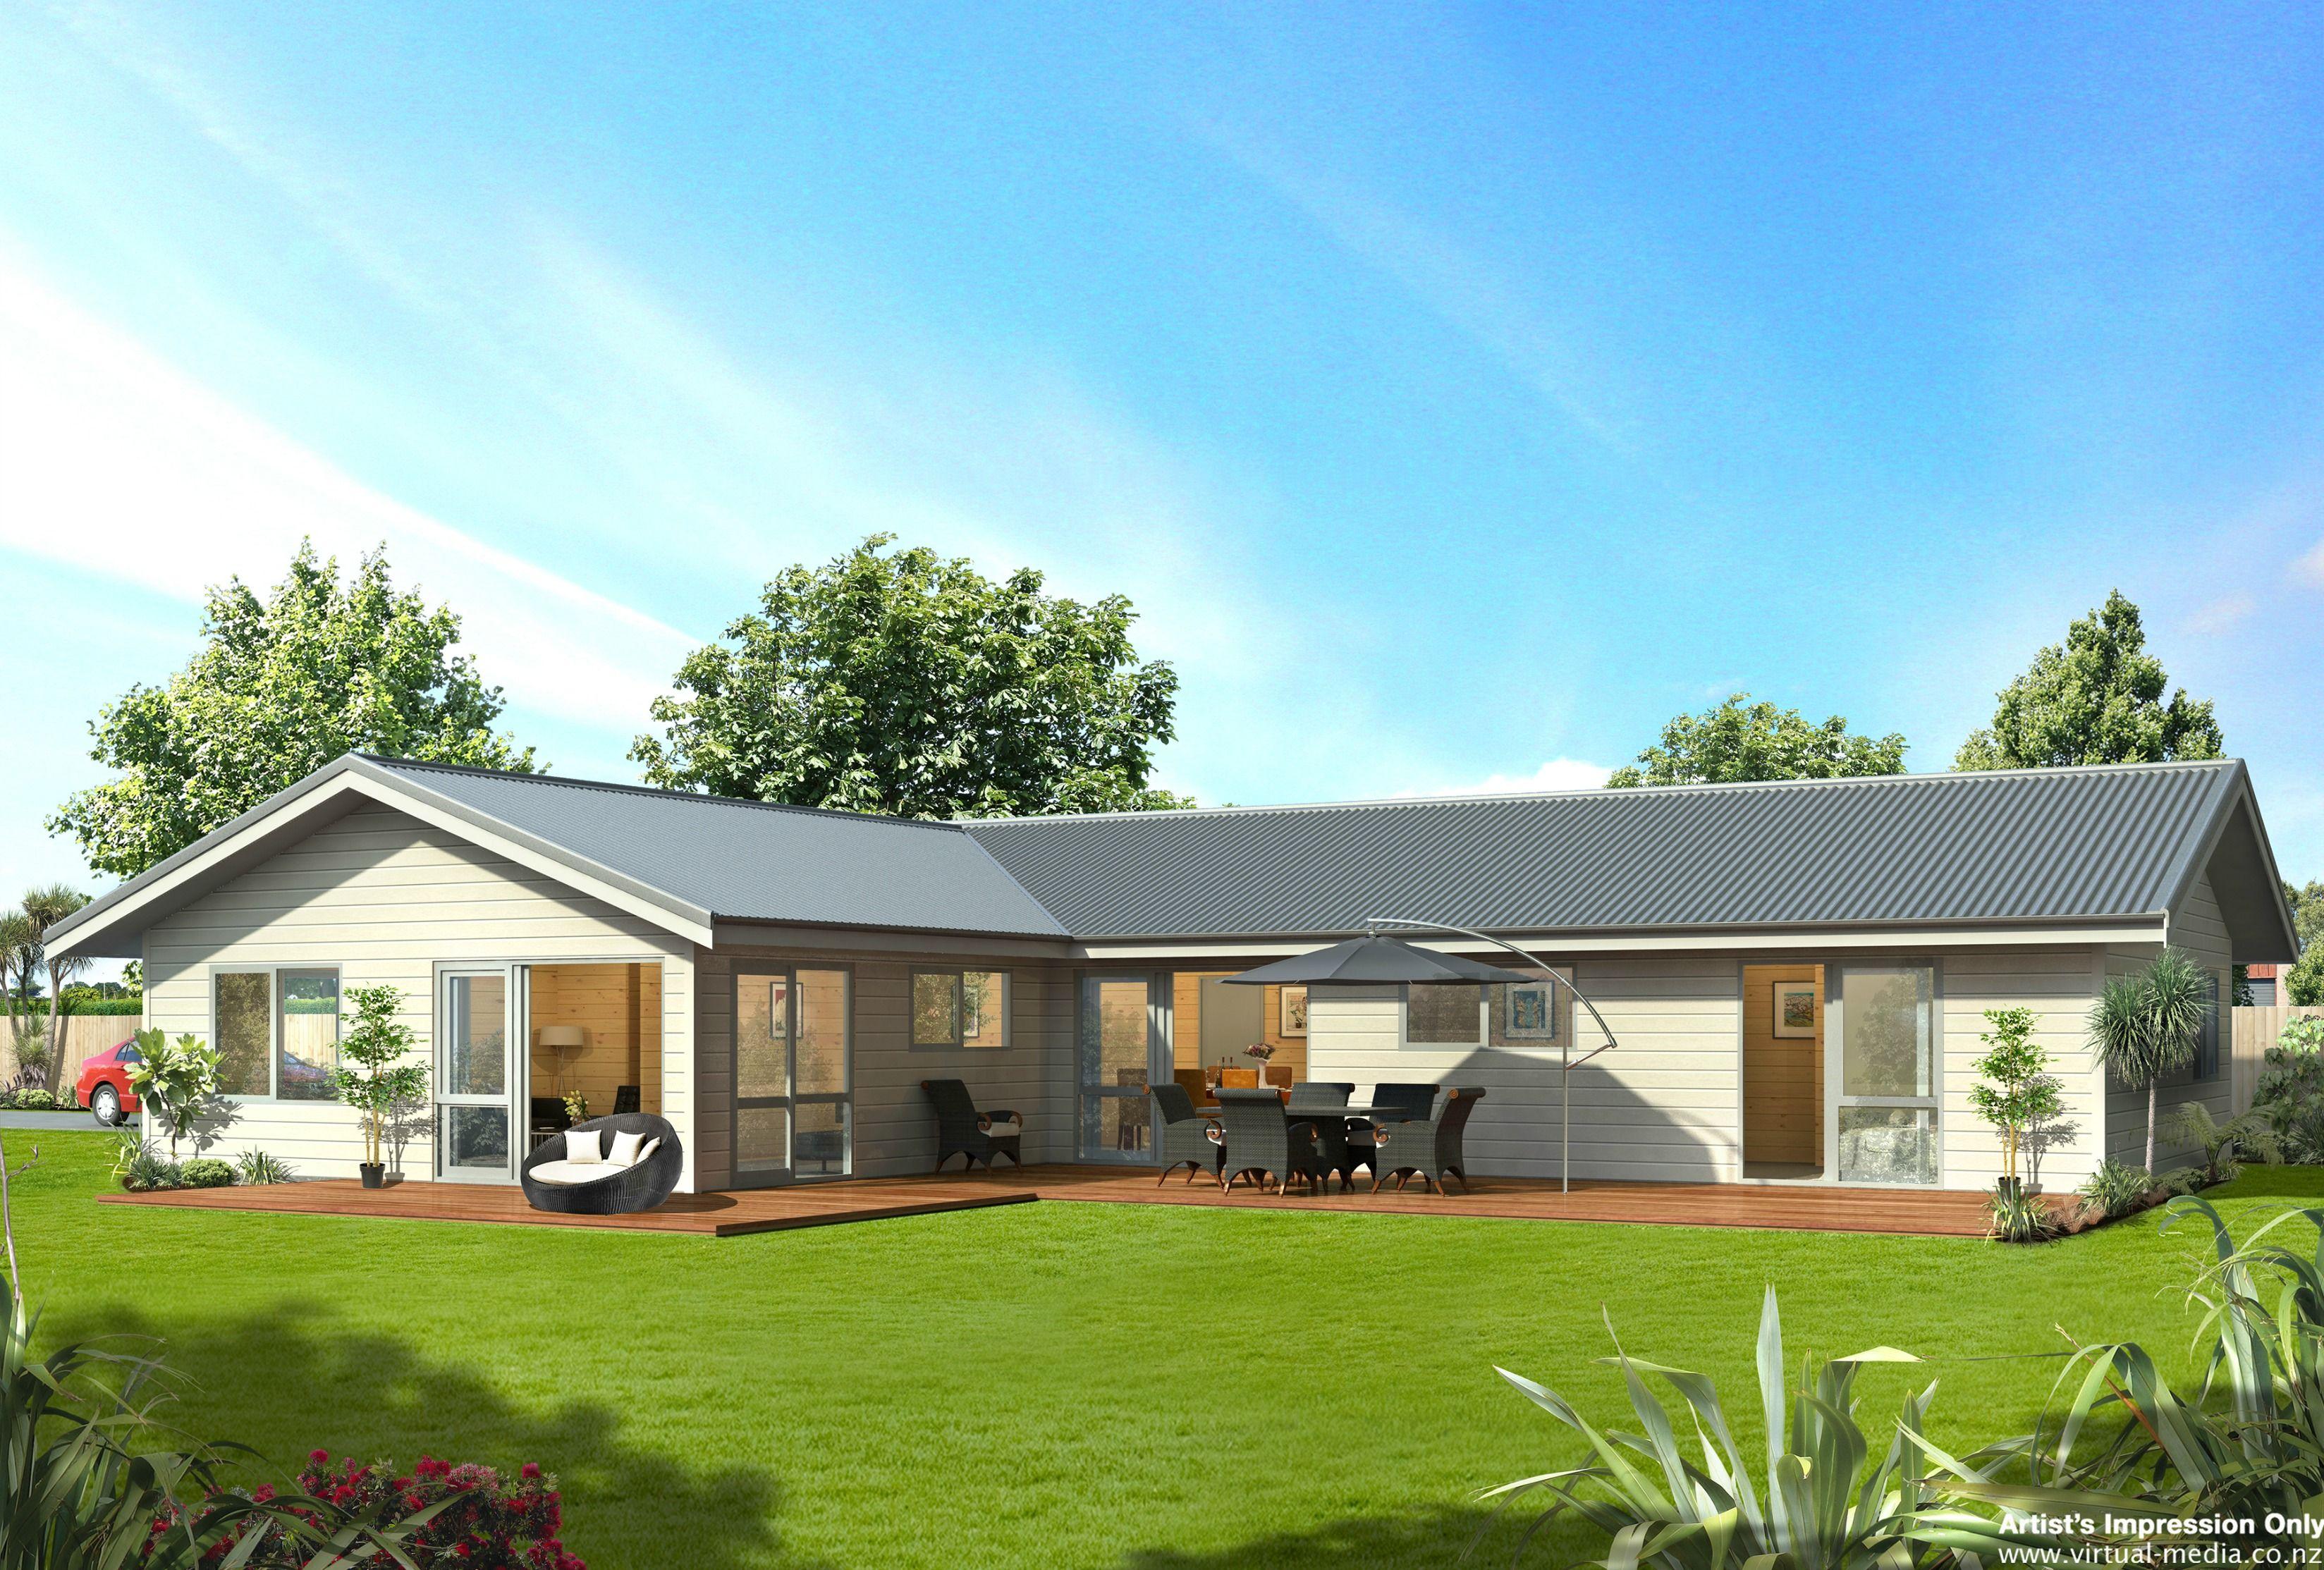 Lockwood Homes Kitset Range | Pitch, Roof design and Ranges